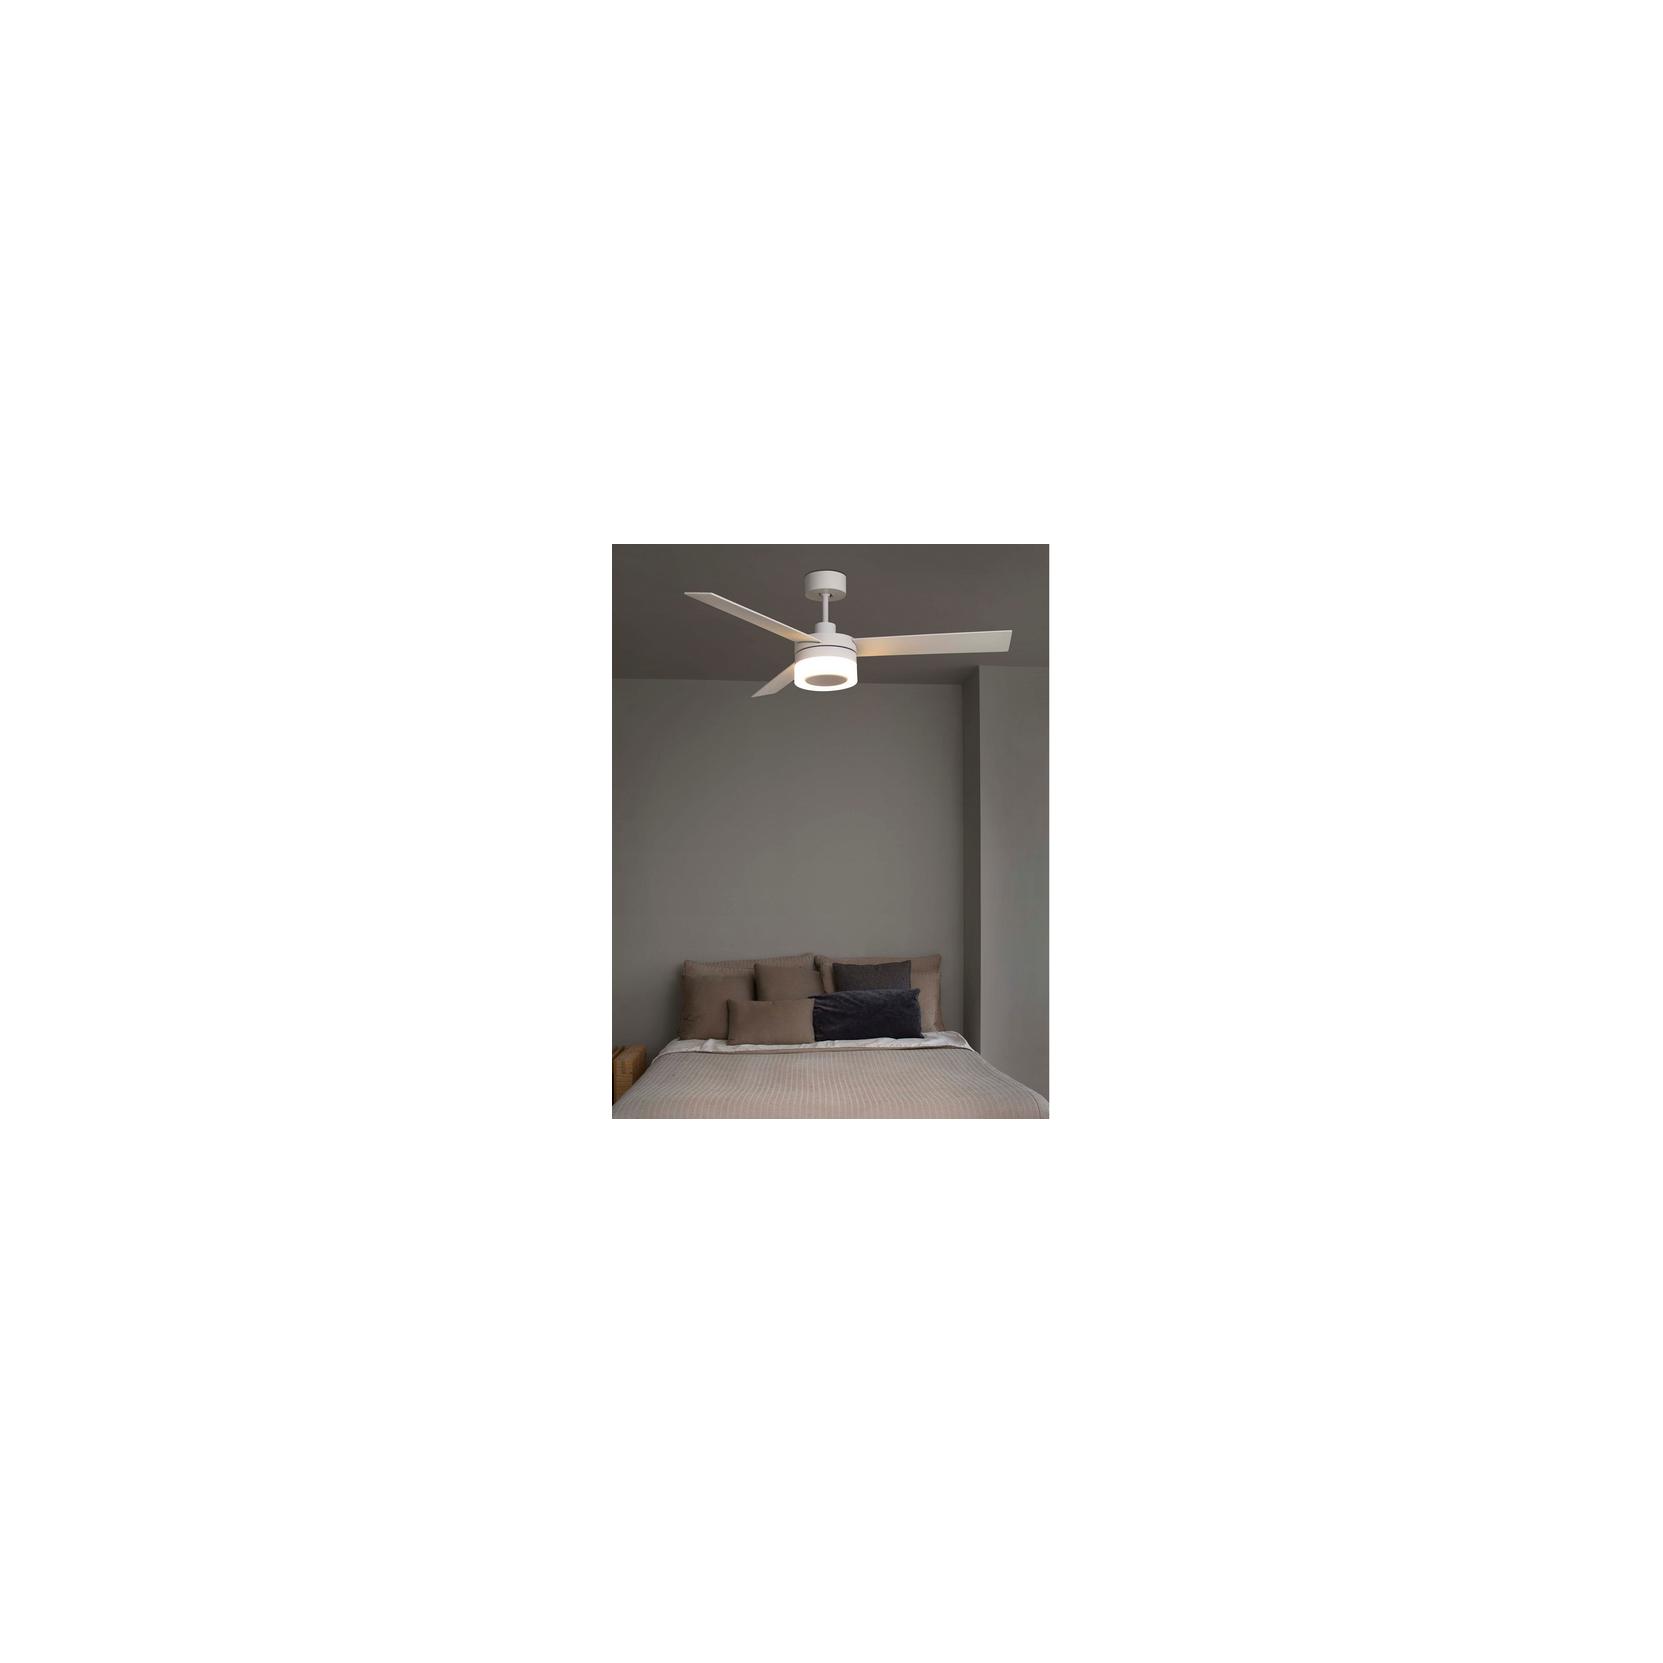 Faro ventilatore a soffitto bianco con luce led 3 pale moderno con telecomando ICE ...